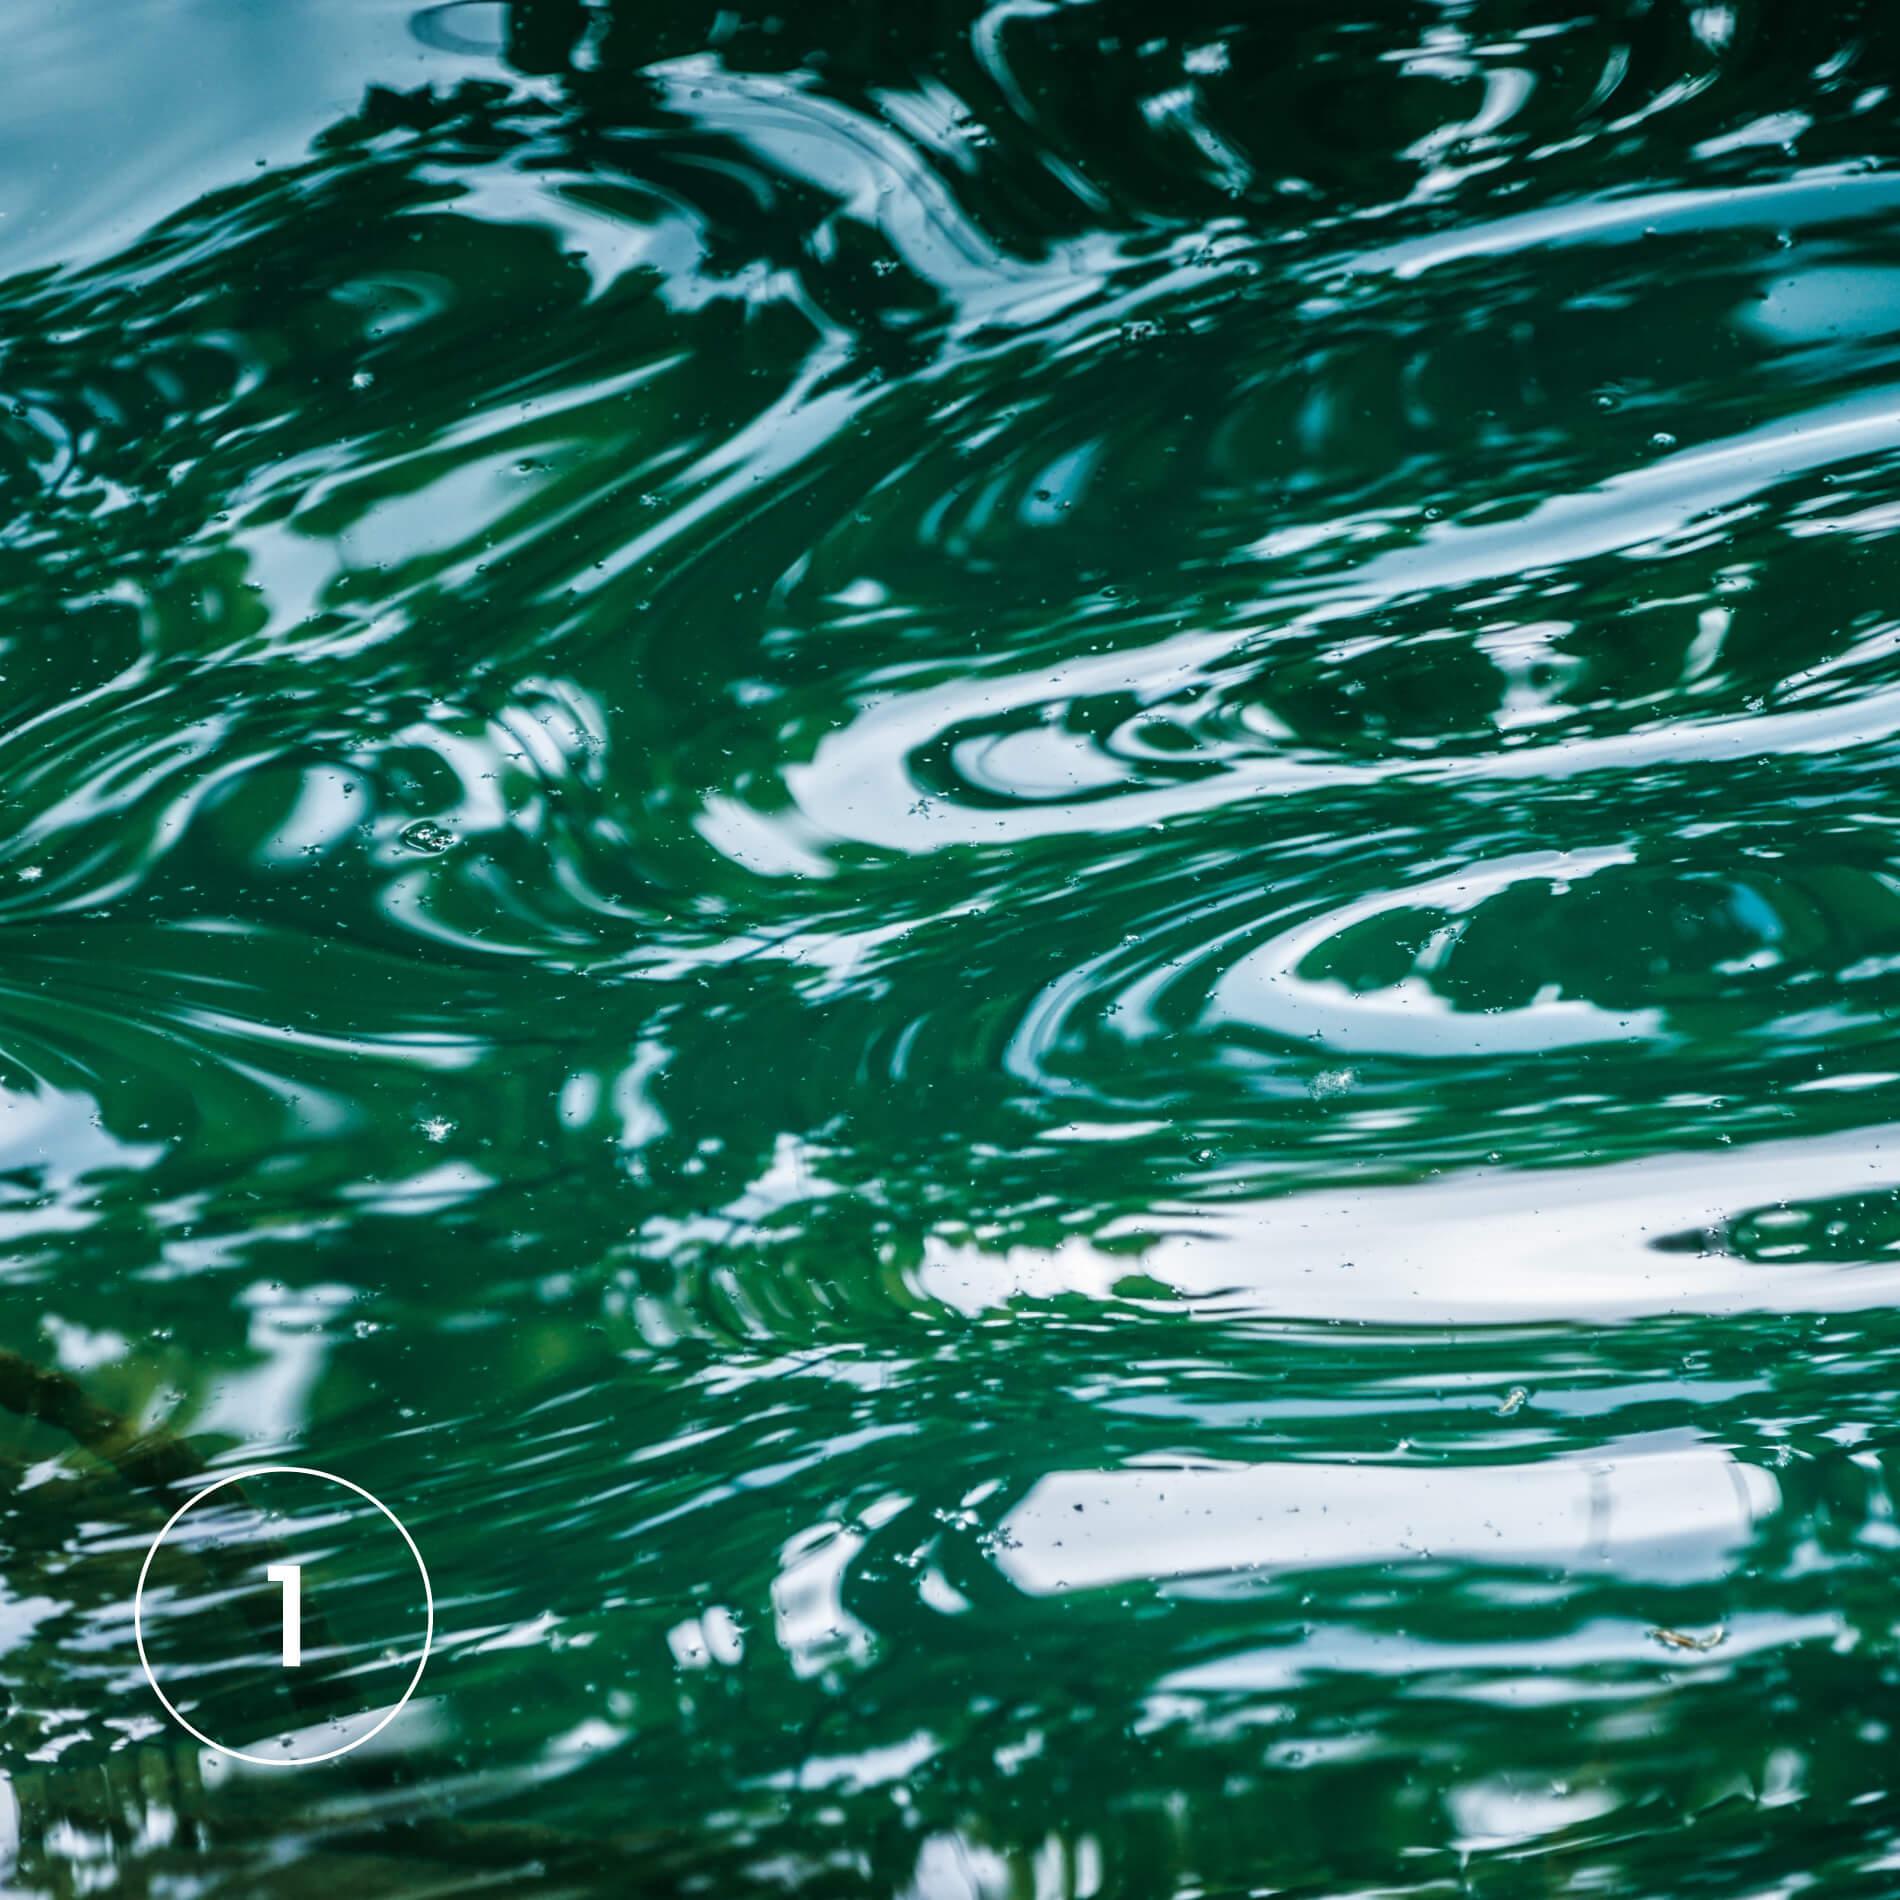 01. Traitement des eaux usées - Kertalg